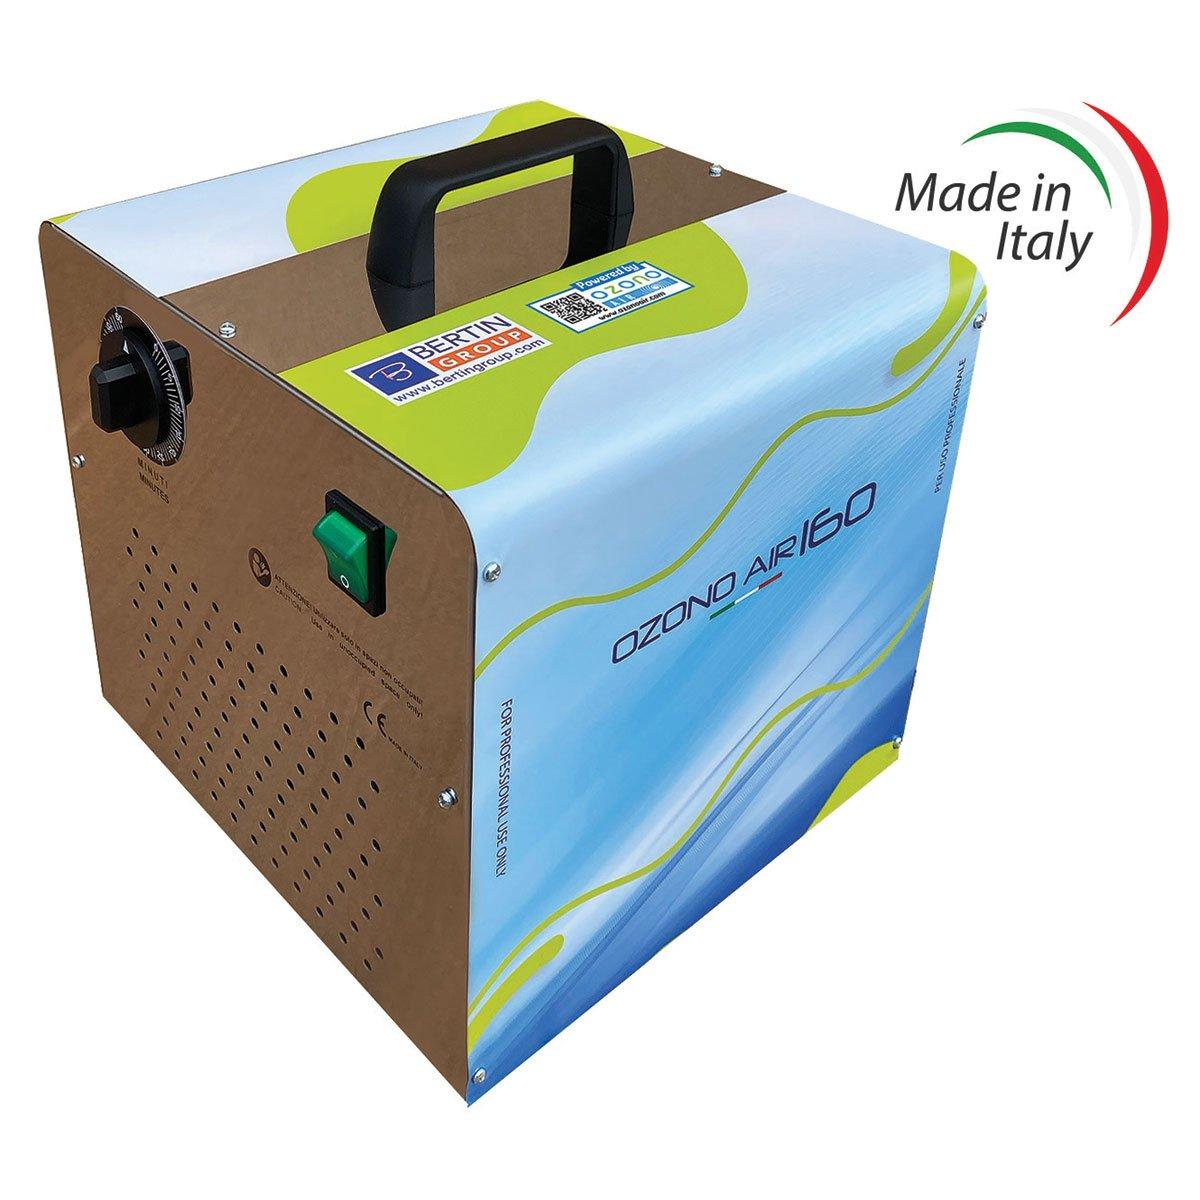 generatore OZONO AIR160 made i italy